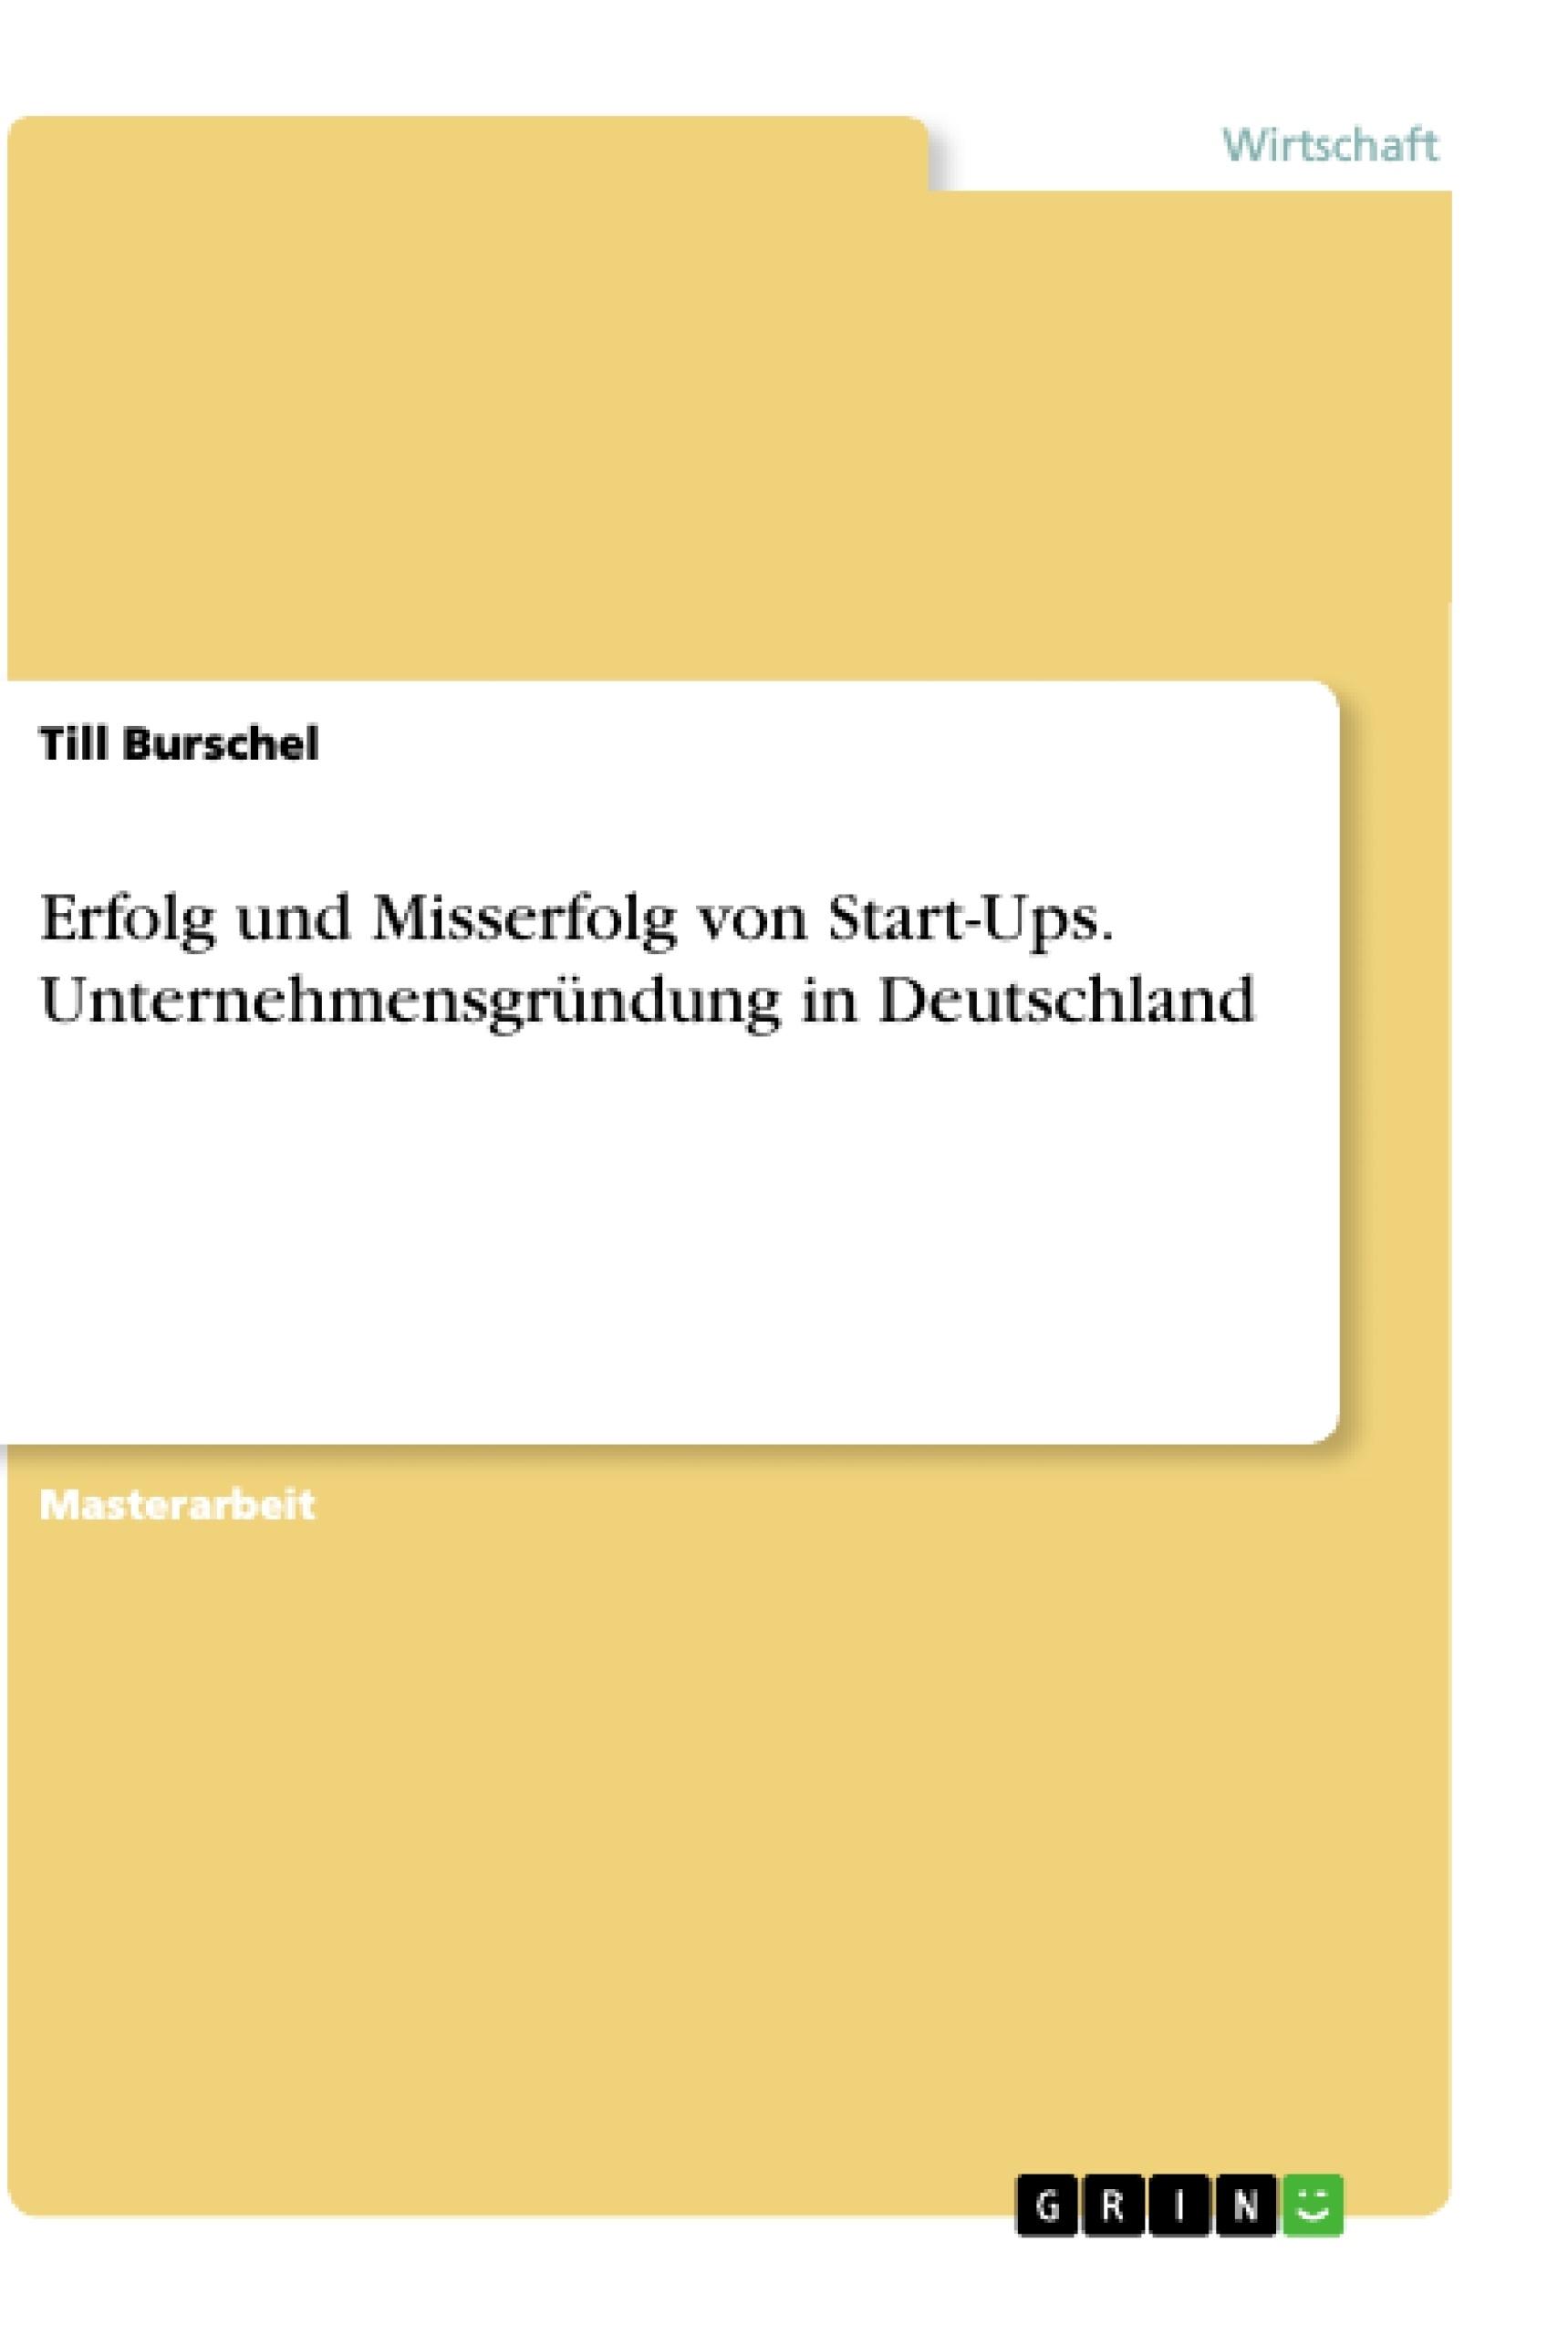 Titel: Erfolg und Misserfolg von Start-Ups. Unternehmensgründung in Deutschland